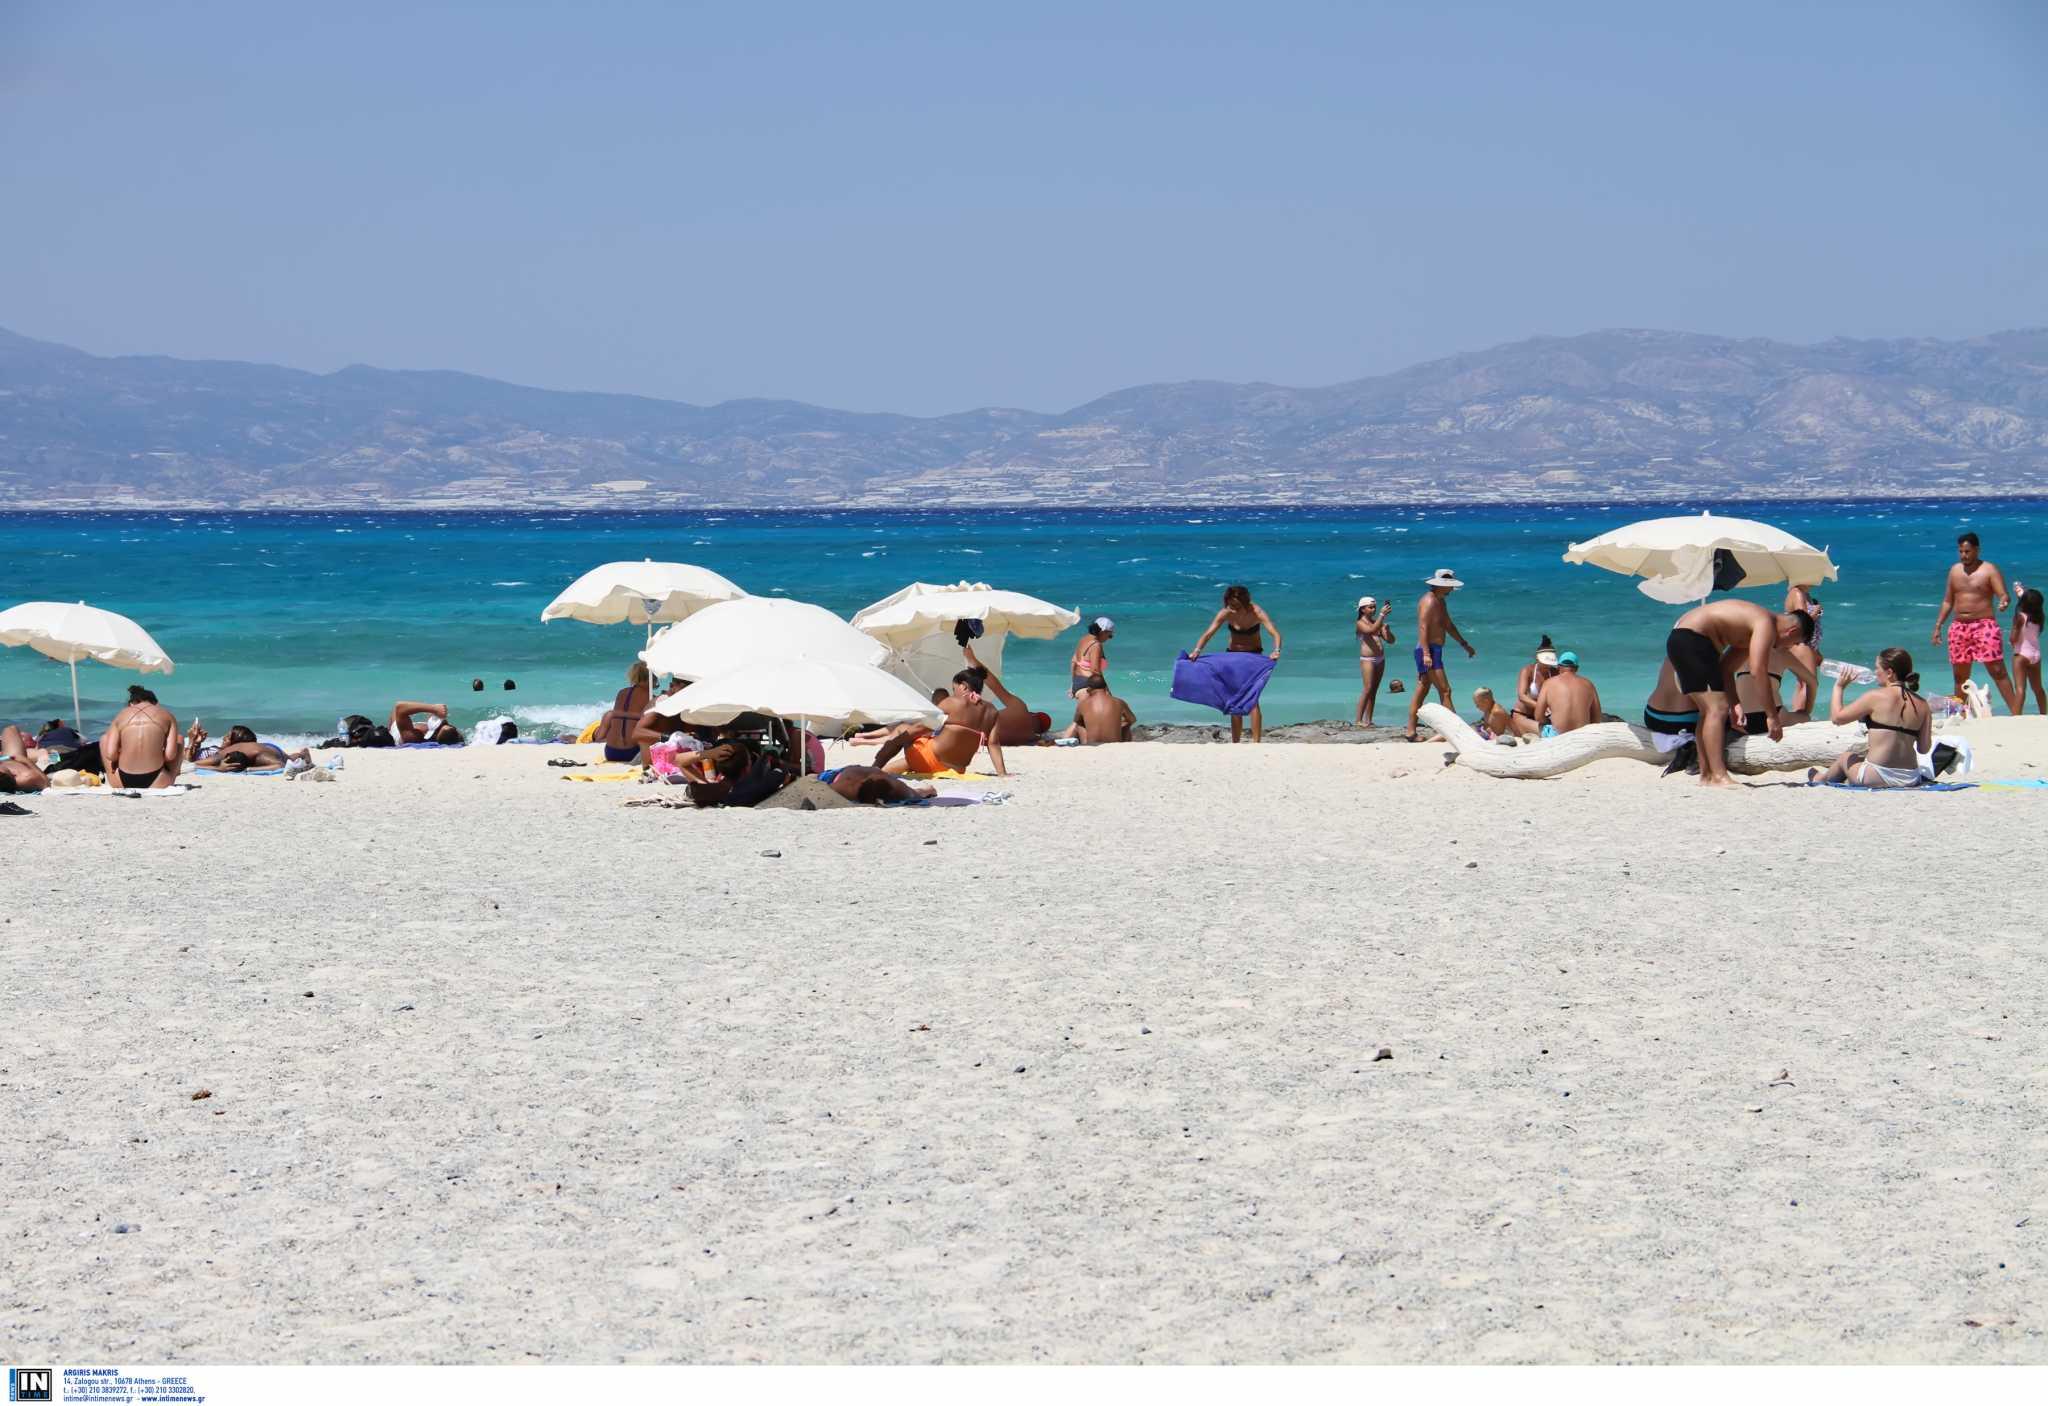 Ο καιρός στην Κρήτη την Τετάρτη: Ανοιξιάτικο σκηνικό με μικρή πτώση της θερμοκρασίας